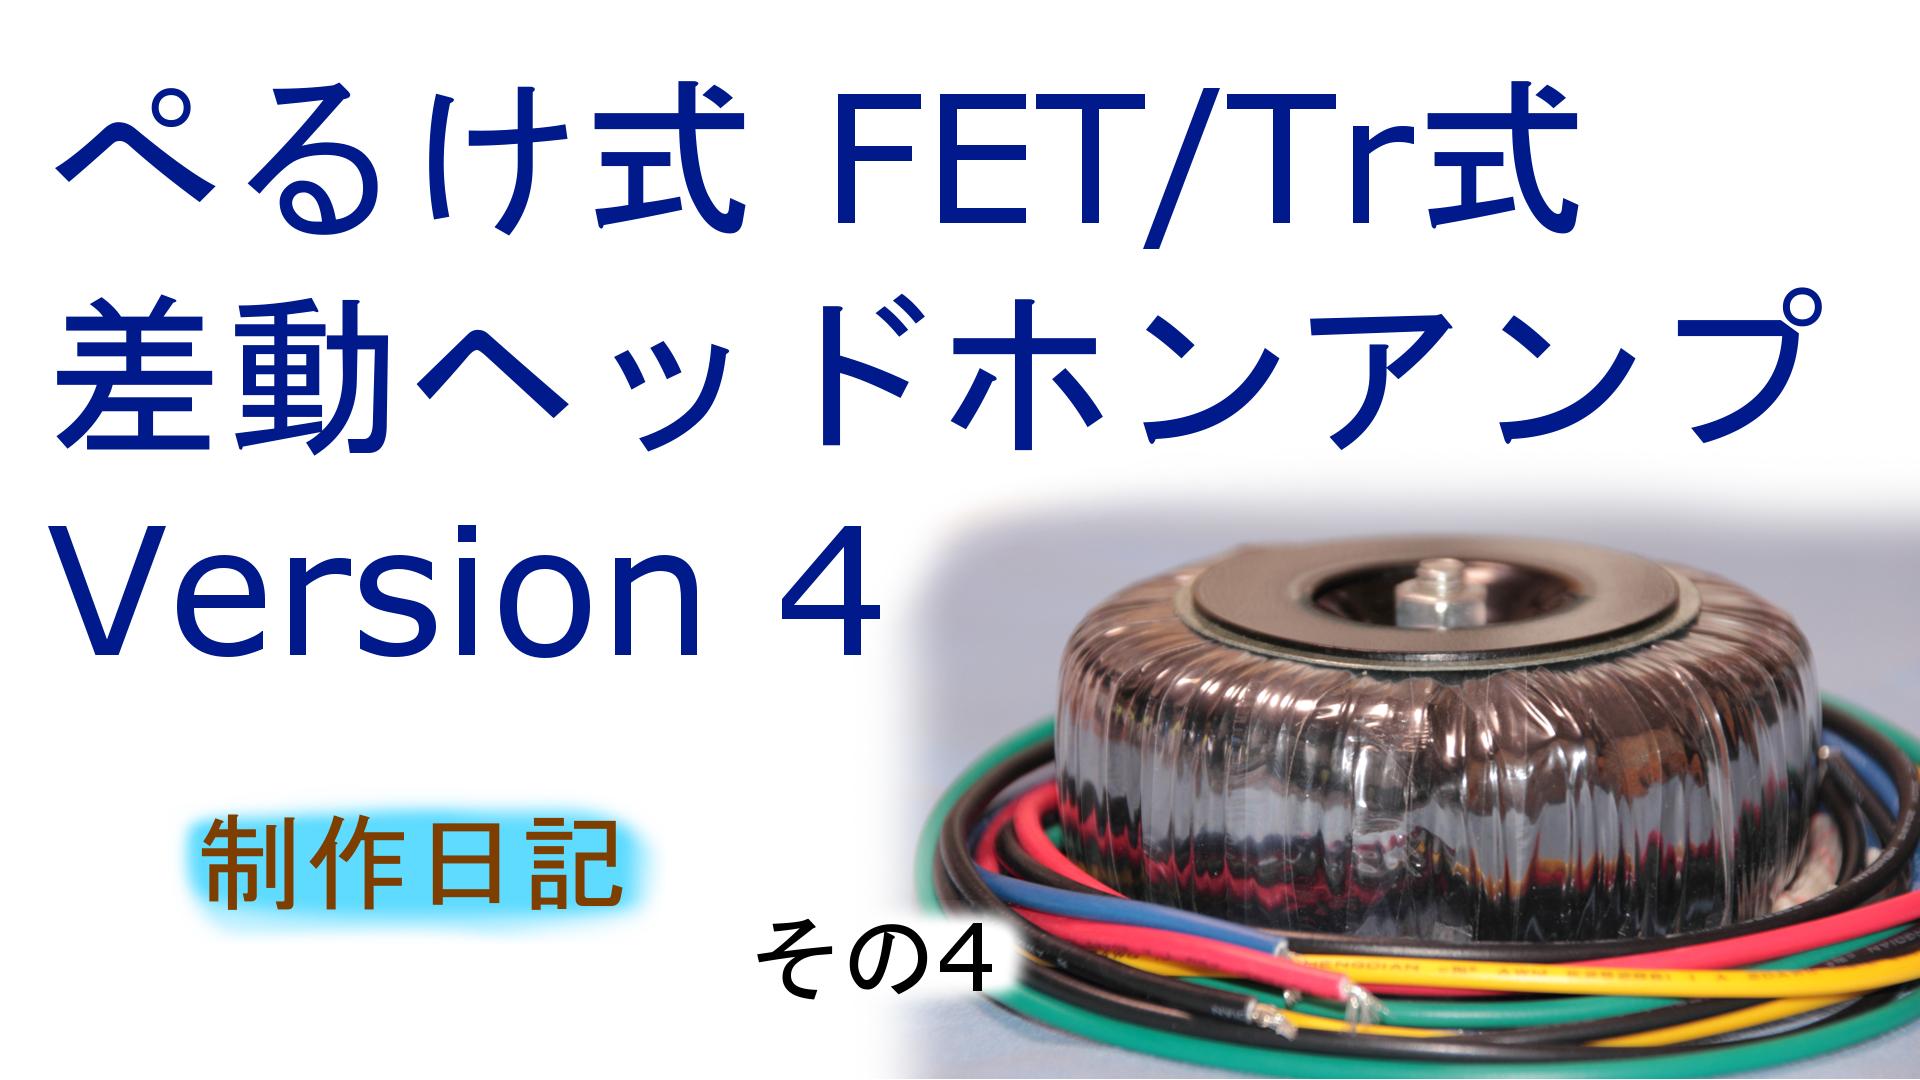 ぺるけ式 FETTr式差動ヘッドホンアンプ Version 4 その4